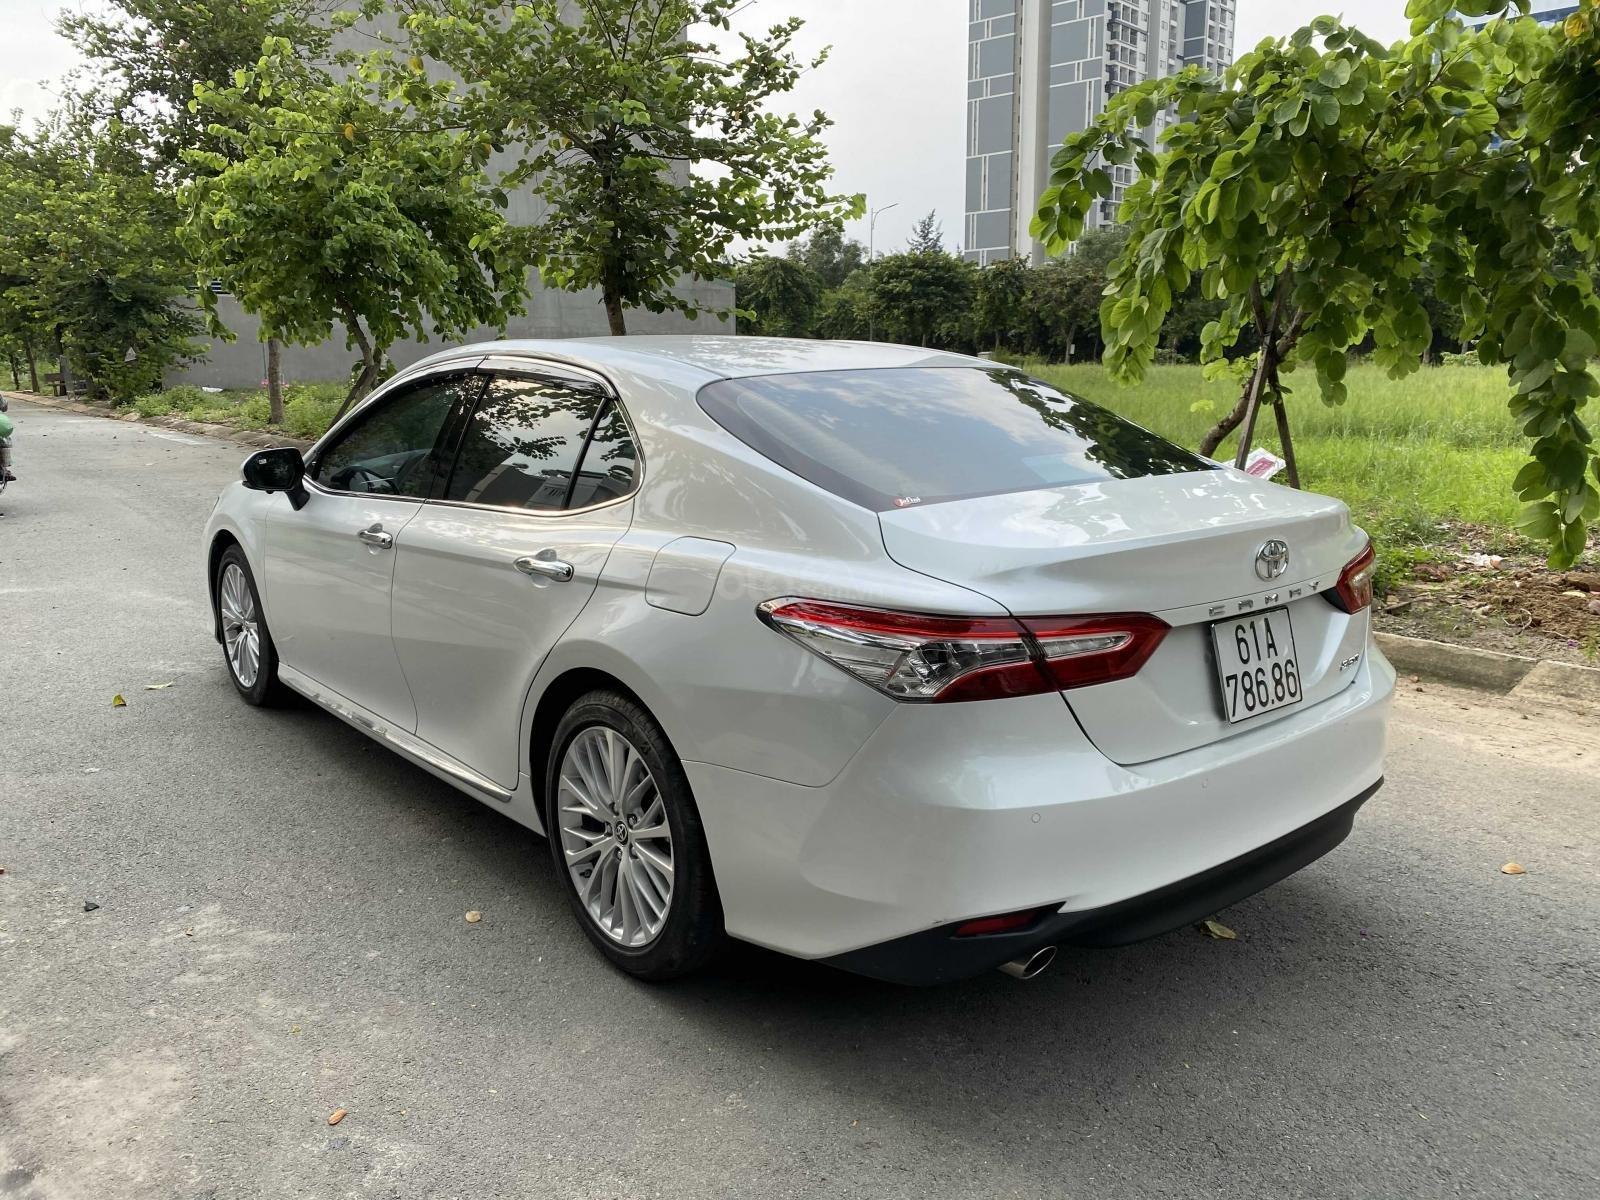 Bán ô tô Toyota Camry năm 2020, màu trắng, ít sử dụng, giá 1 tỷ 290 triệu đồng (3)